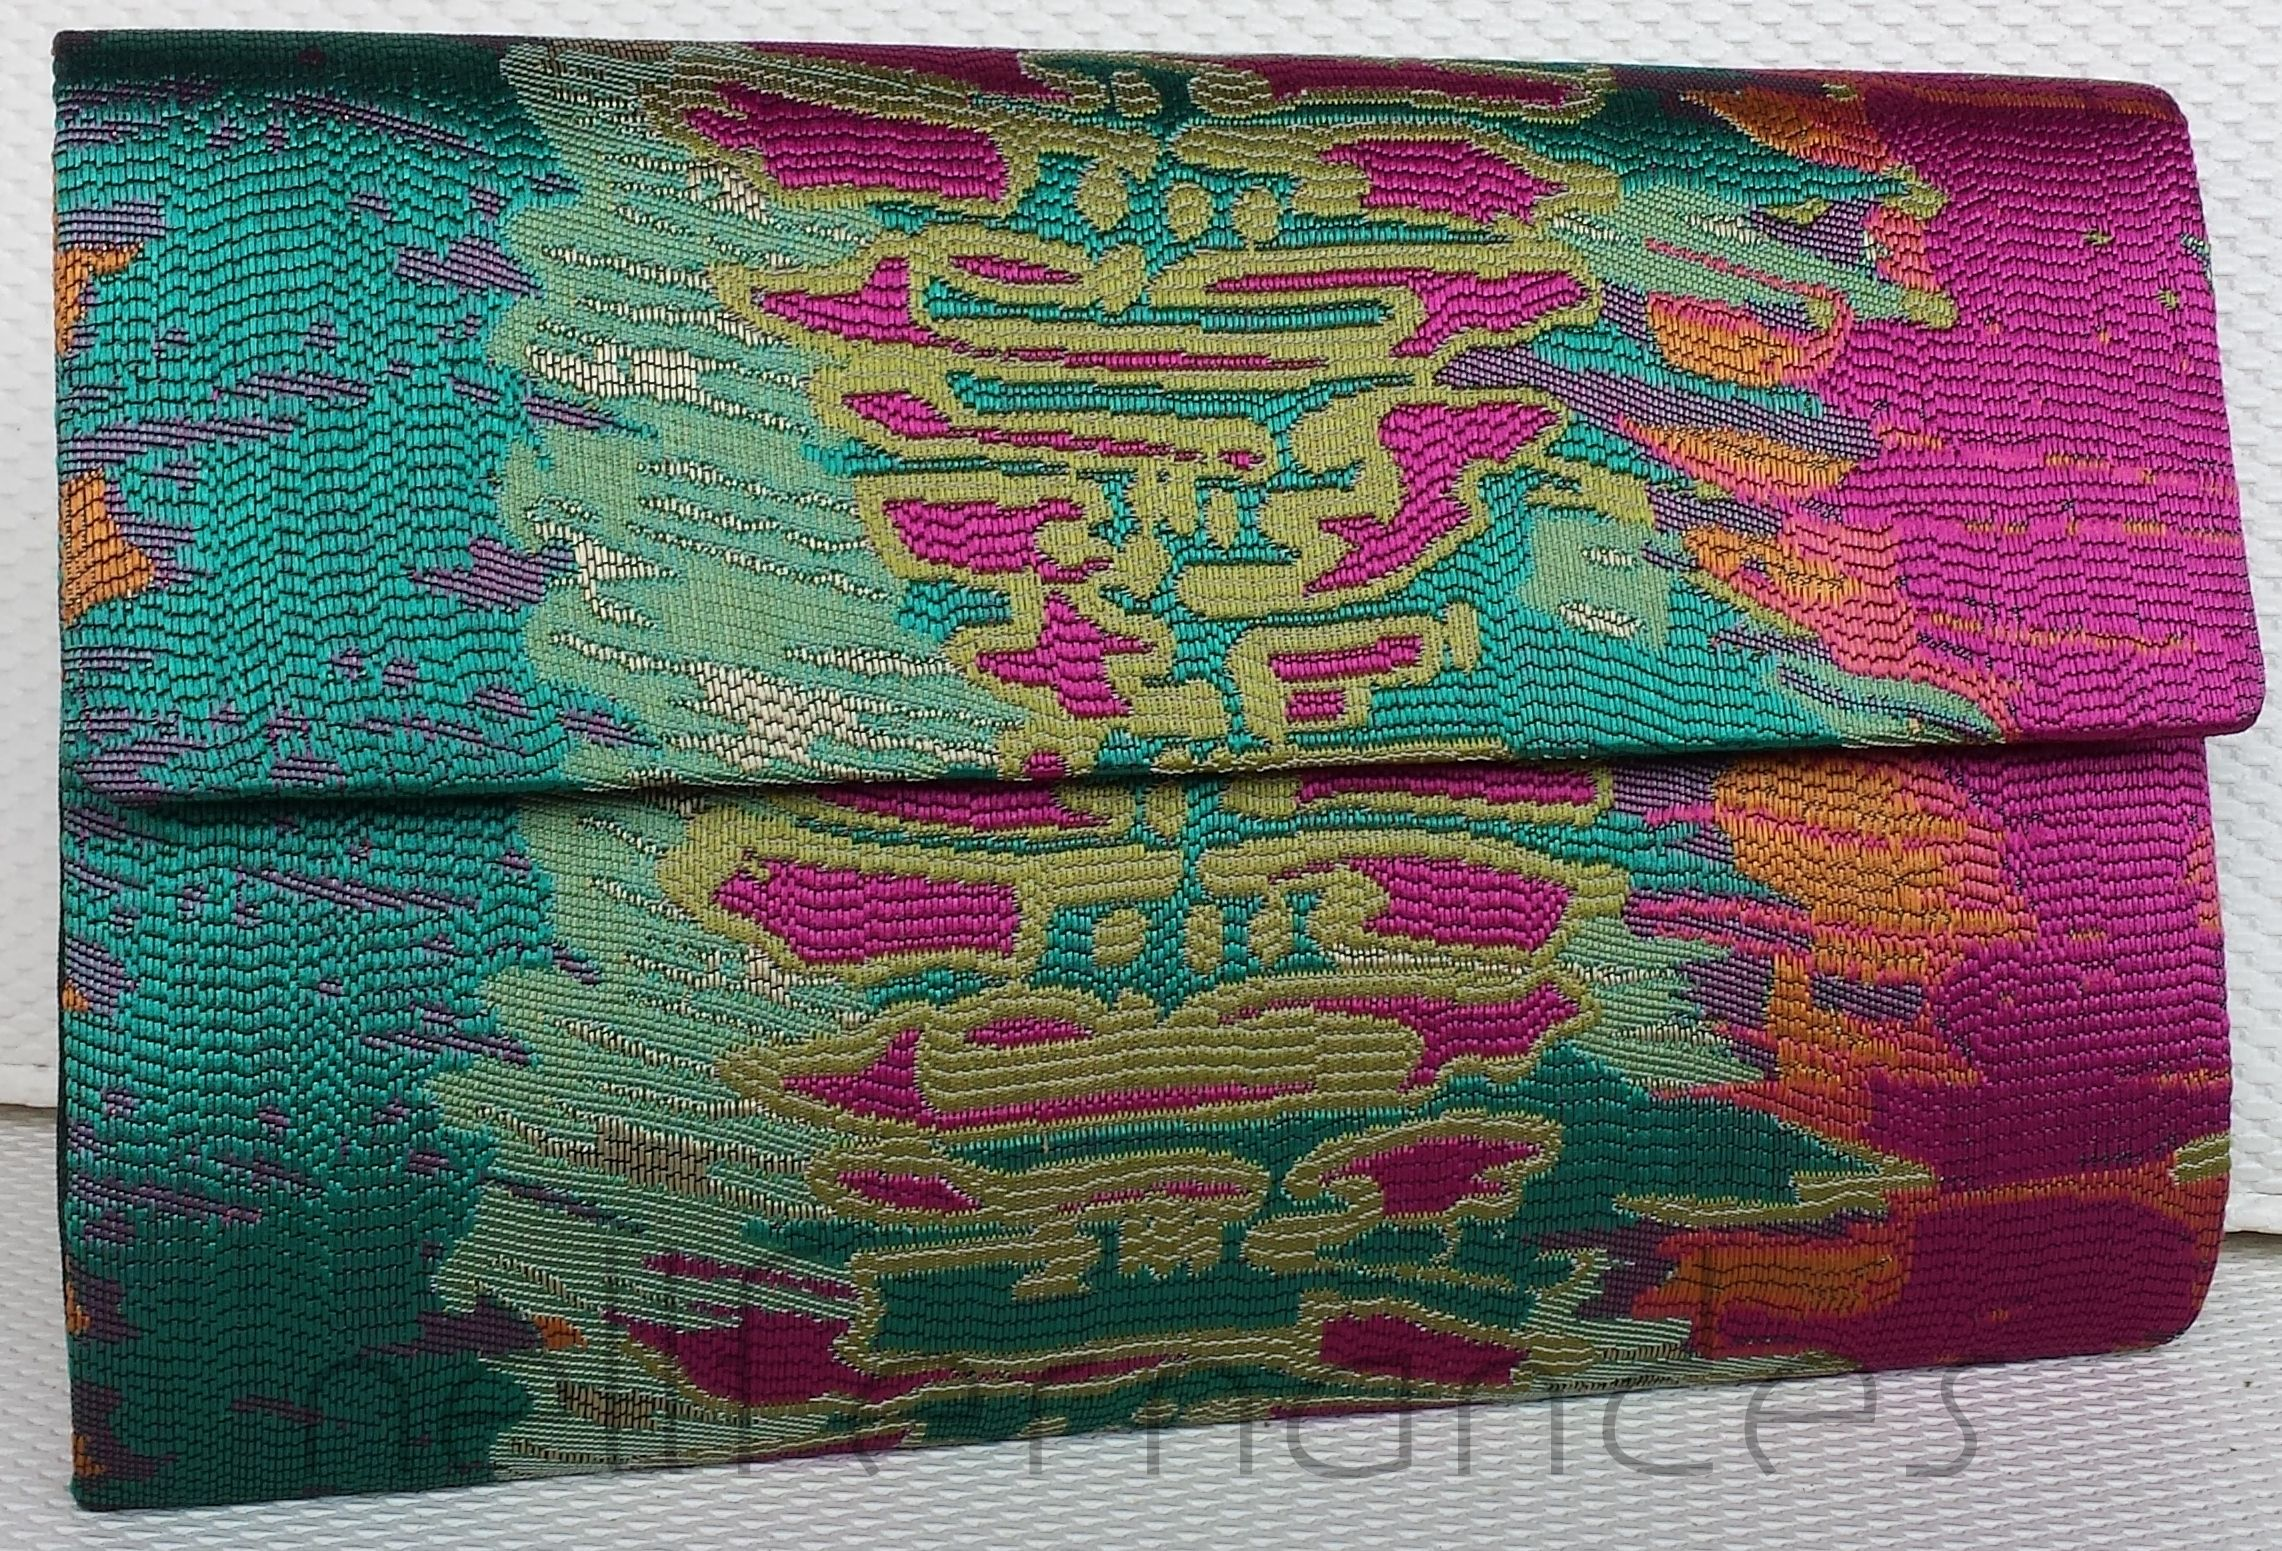 Carteira nellfernandes em brocado de seda americano - tamanho: 28 x 17 - VENDIDA